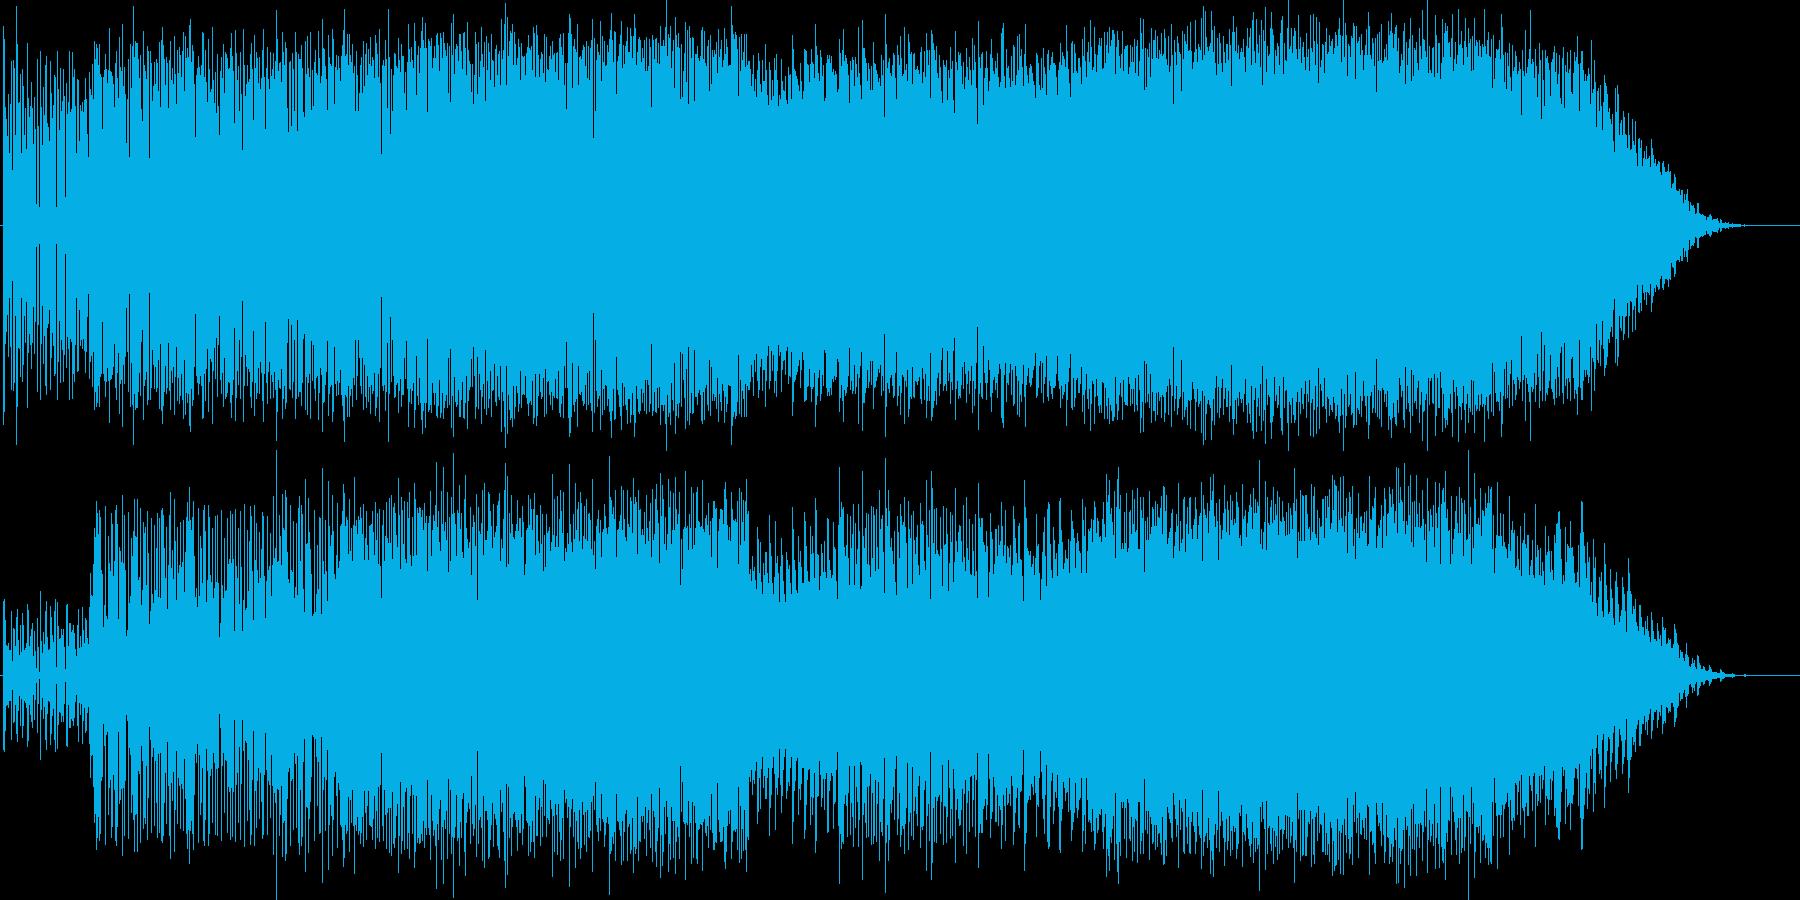 グライダーで滑空しているイメージです。の再生済みの波形